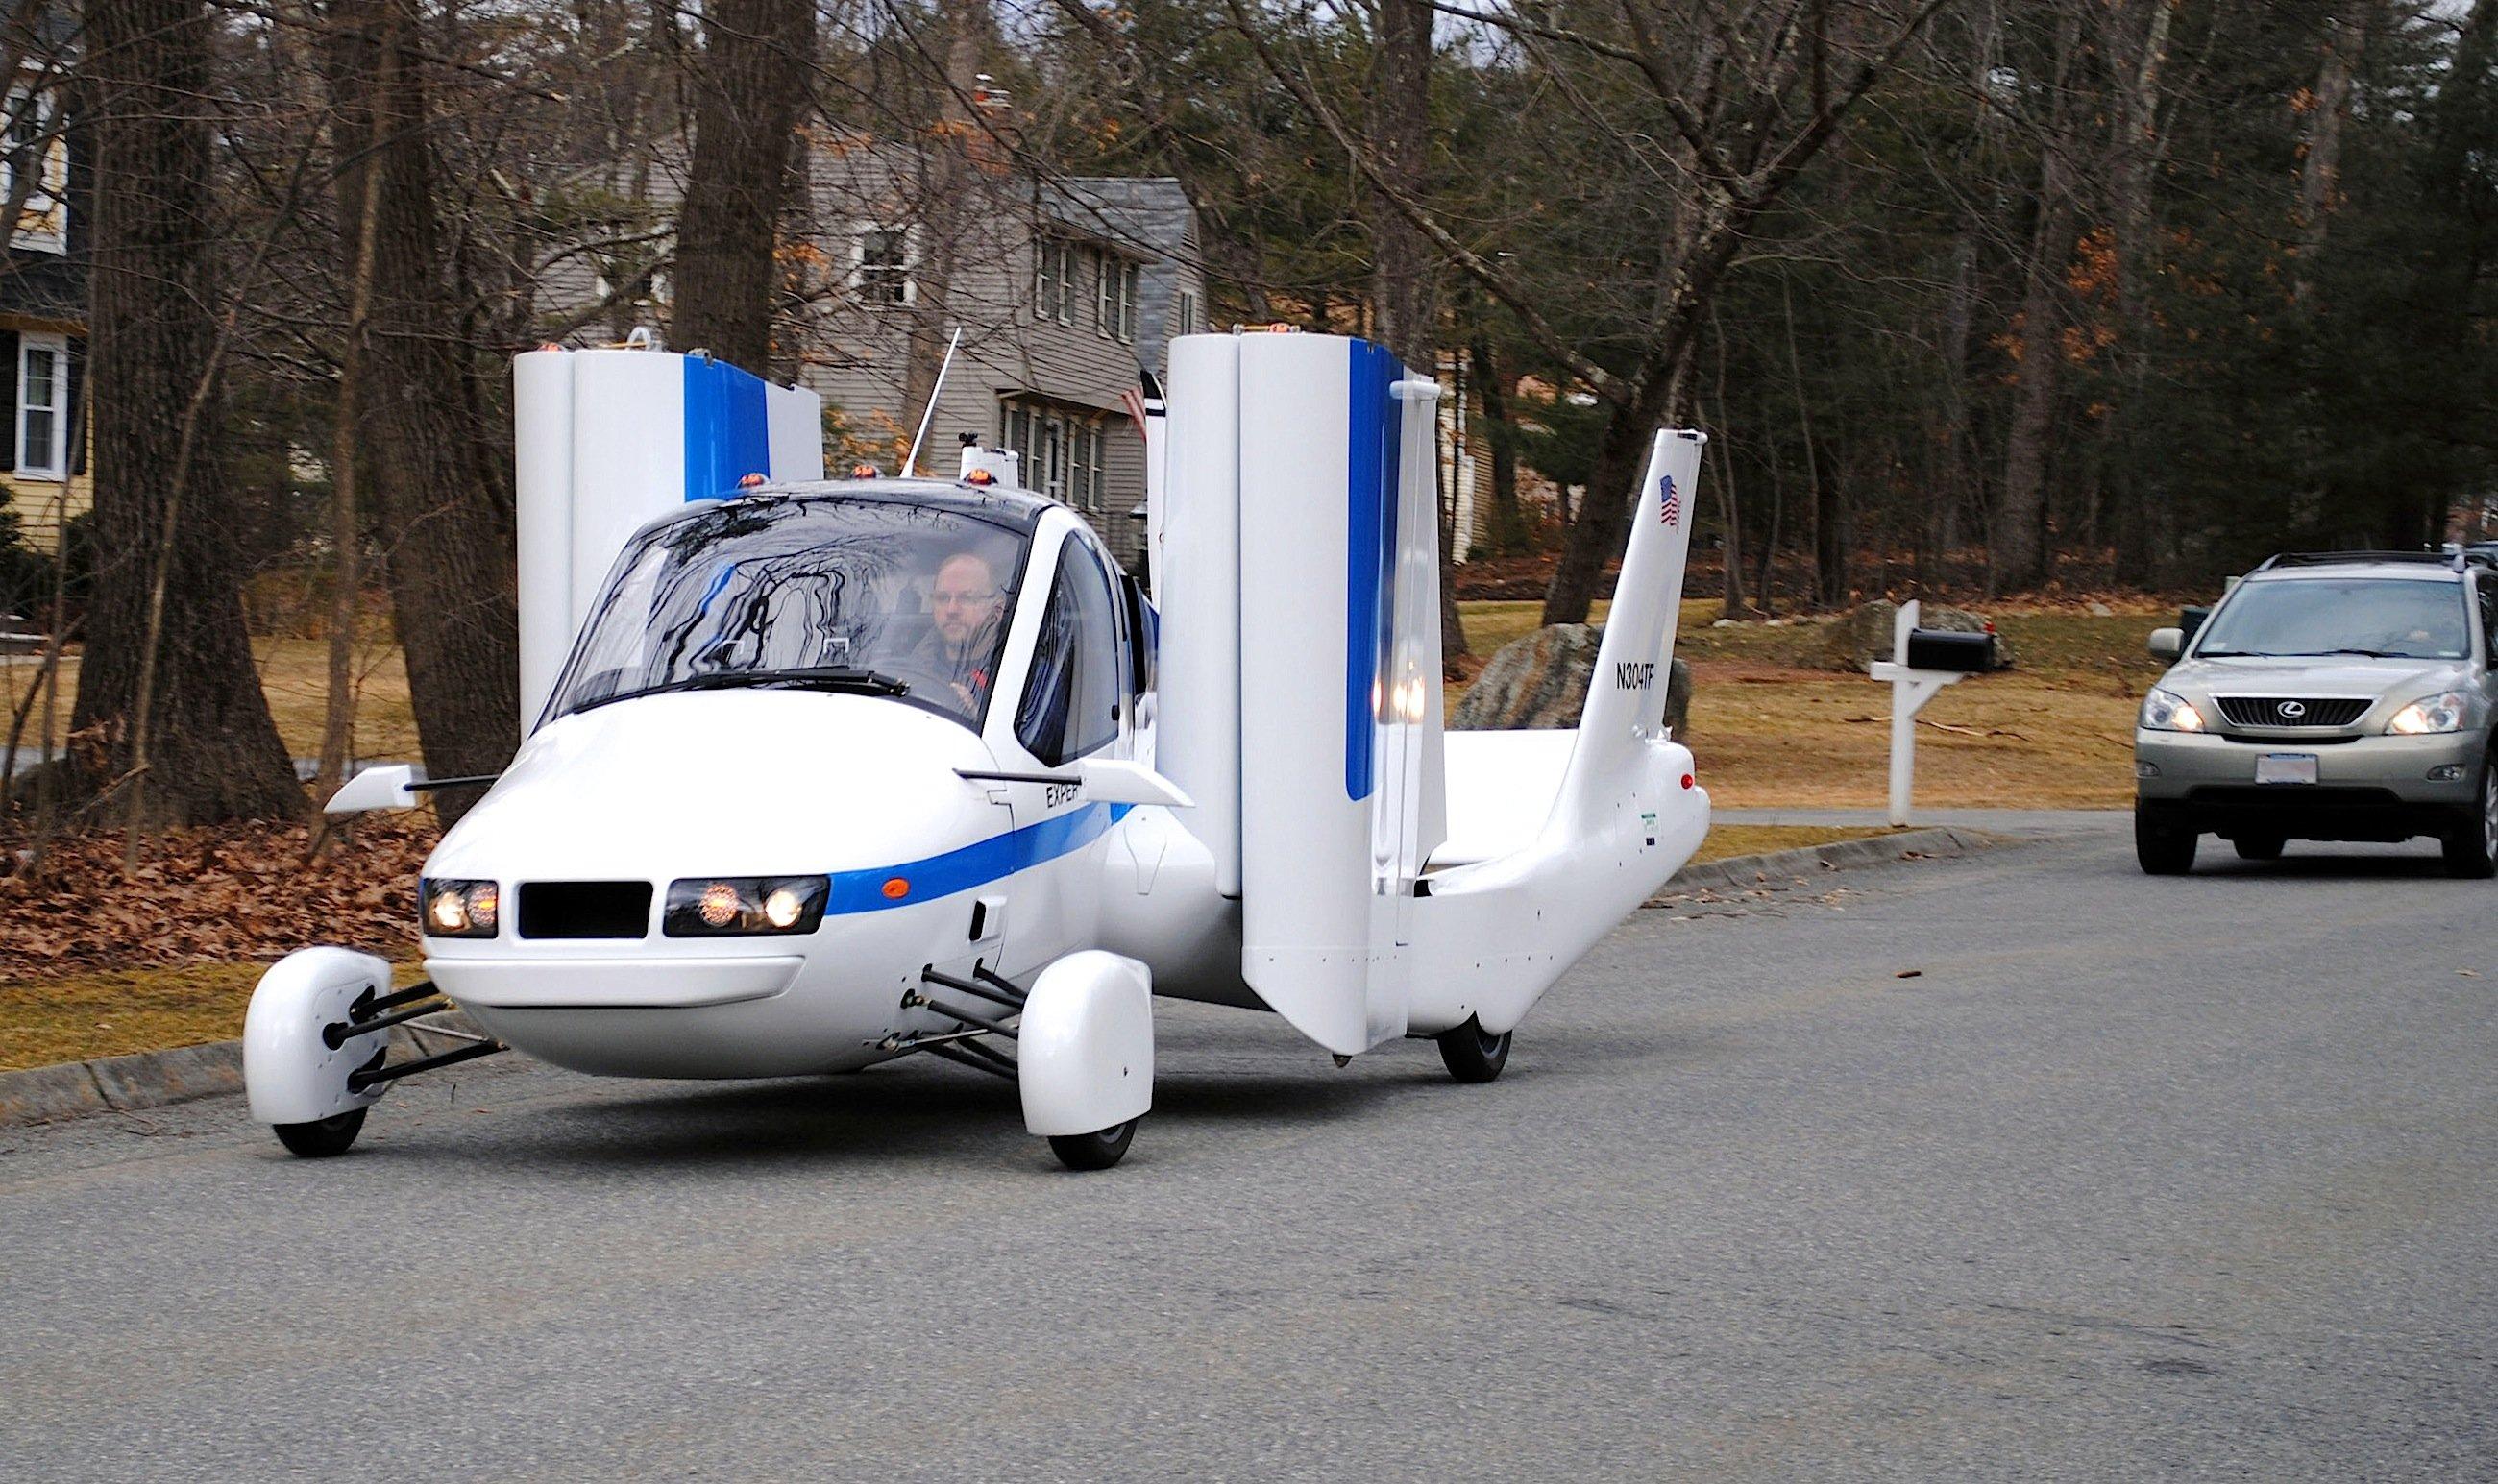 Der Transition von Terrafugia: Das Auto fährt ganz gewöhnlich über die Straße – kann allerdings auch fliegen.